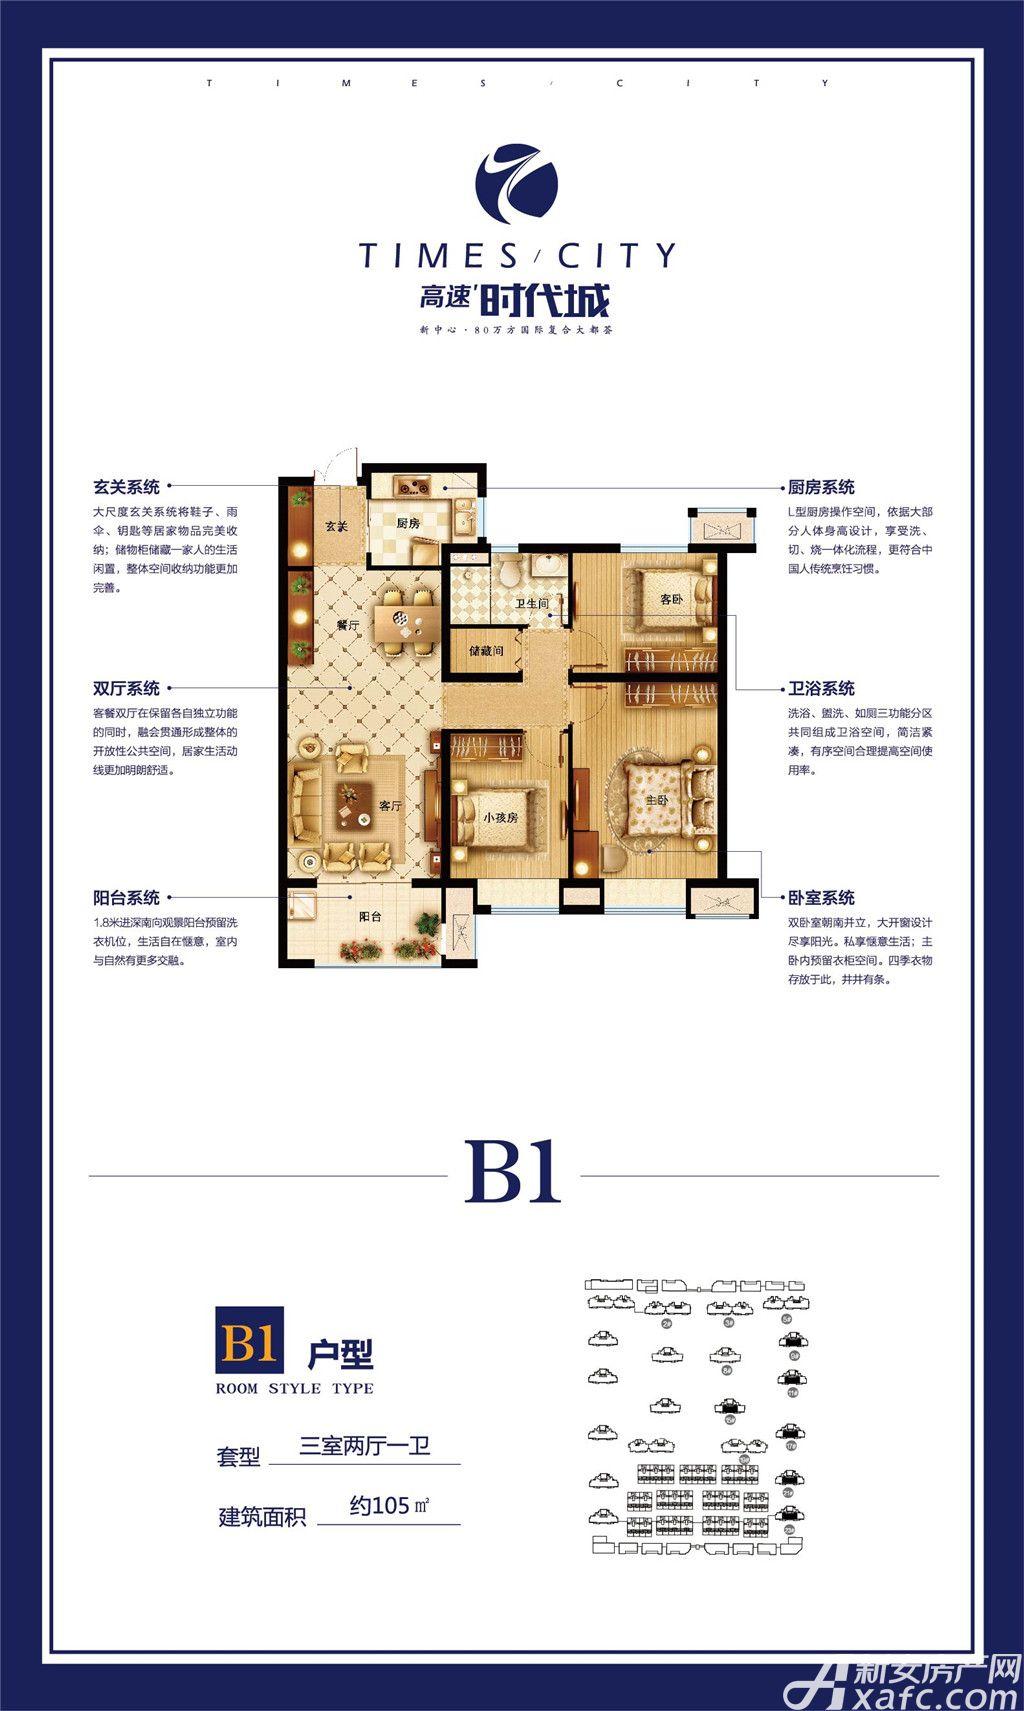 高速时代城B1户型3室2厅105平米